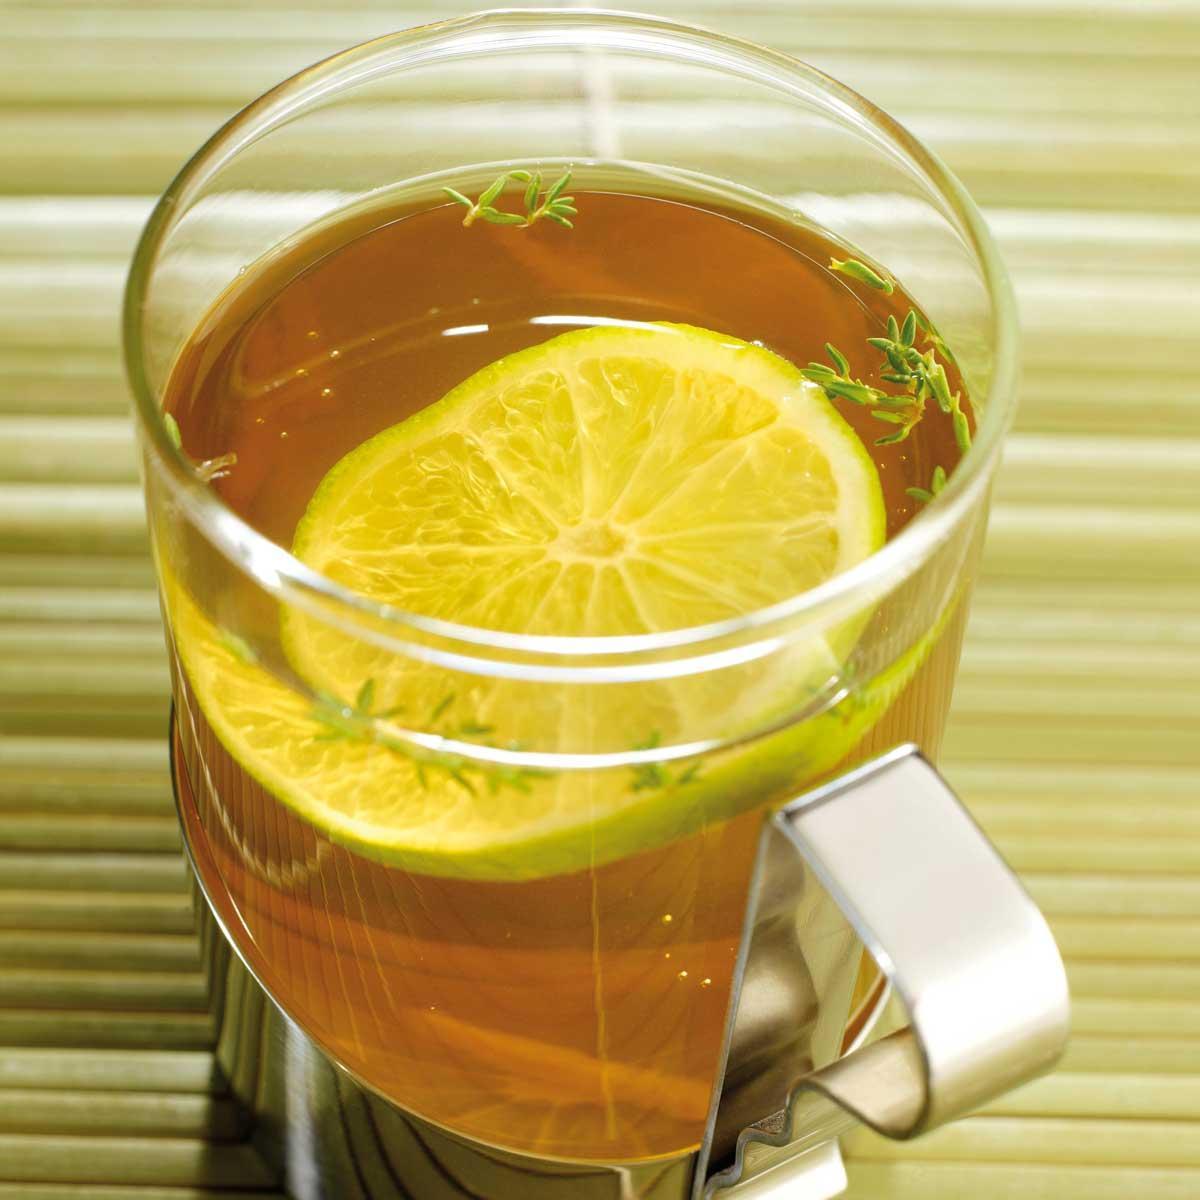 the au citron